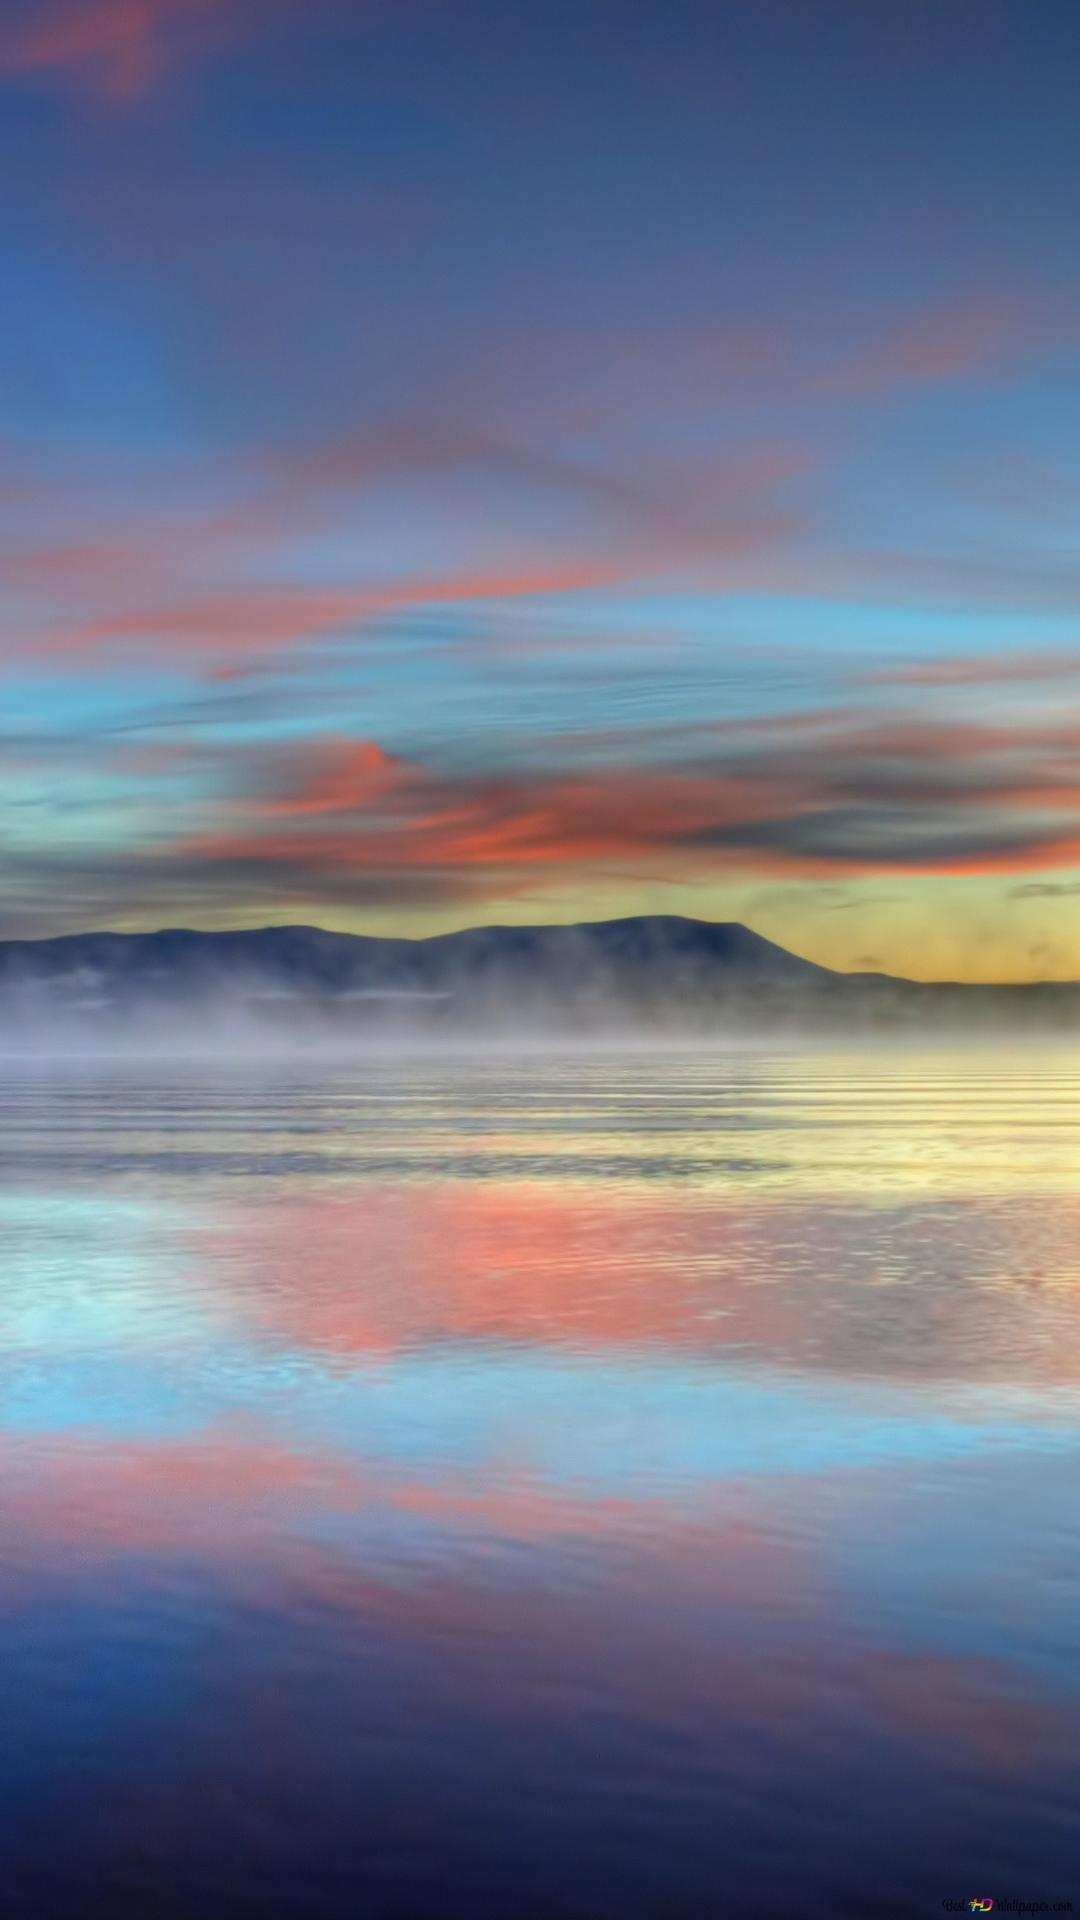 カラフルな夕焼けの海の反射 Hd壁紙のダウンロード